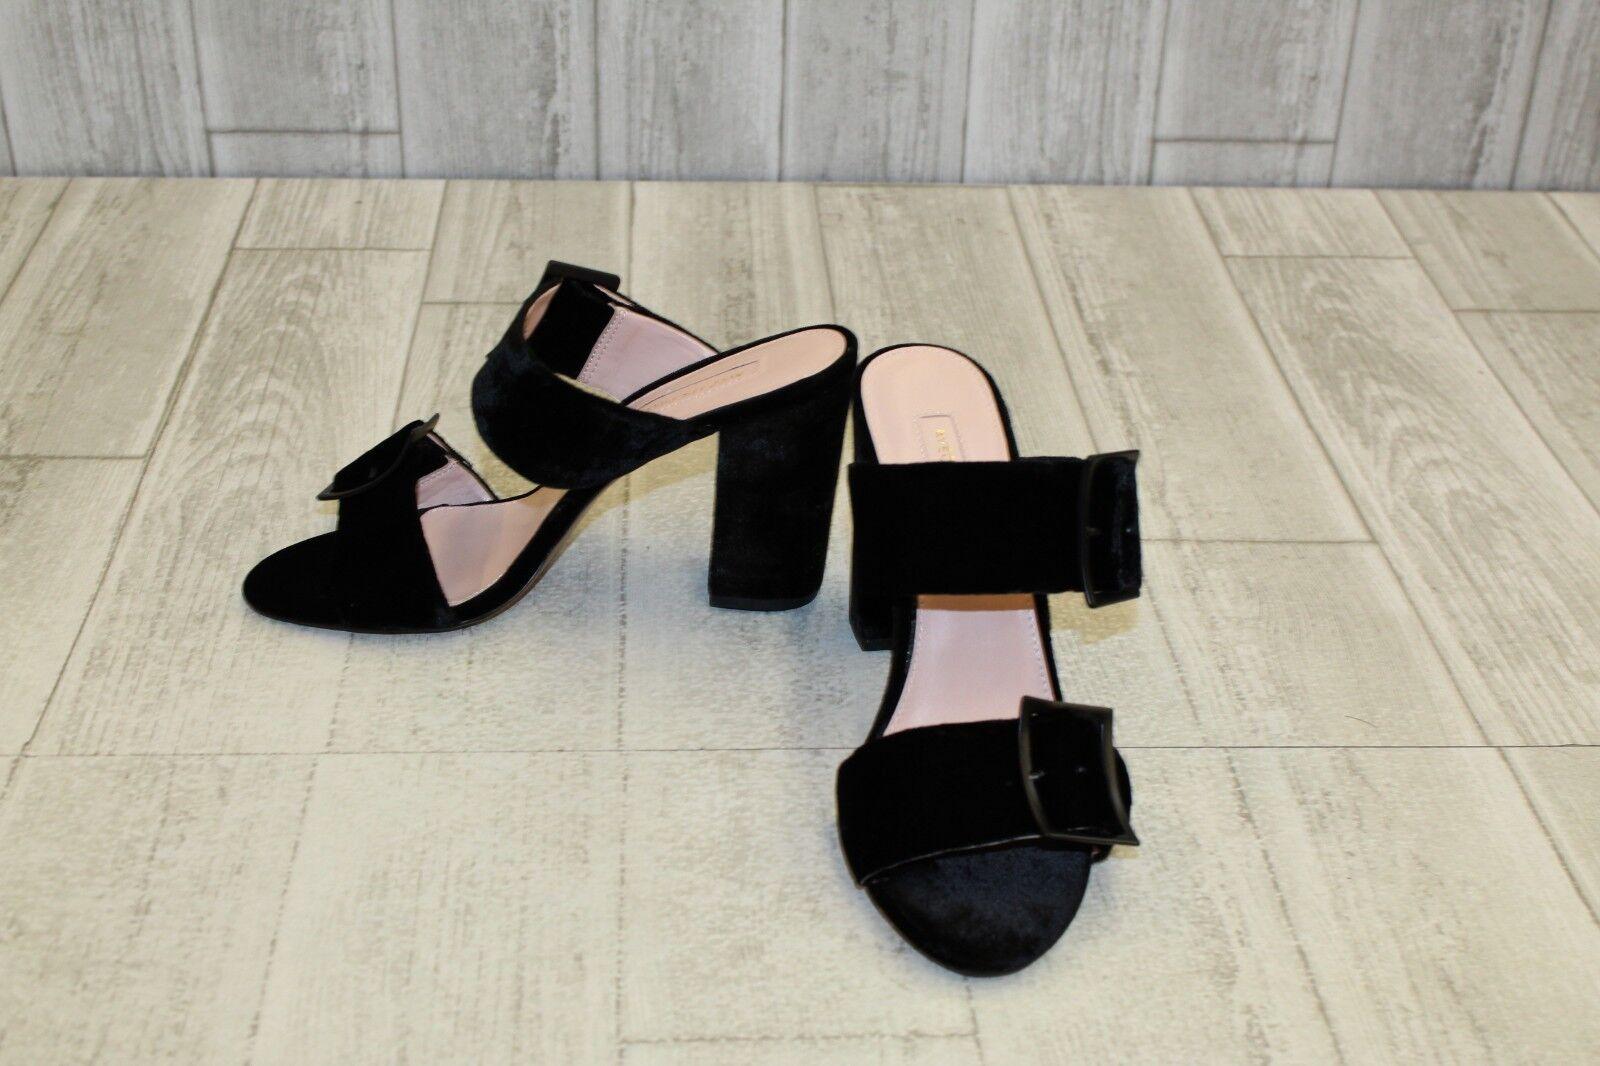 Avec Les Filles Millie Heeled Sandal - Women's Size 9M - Black